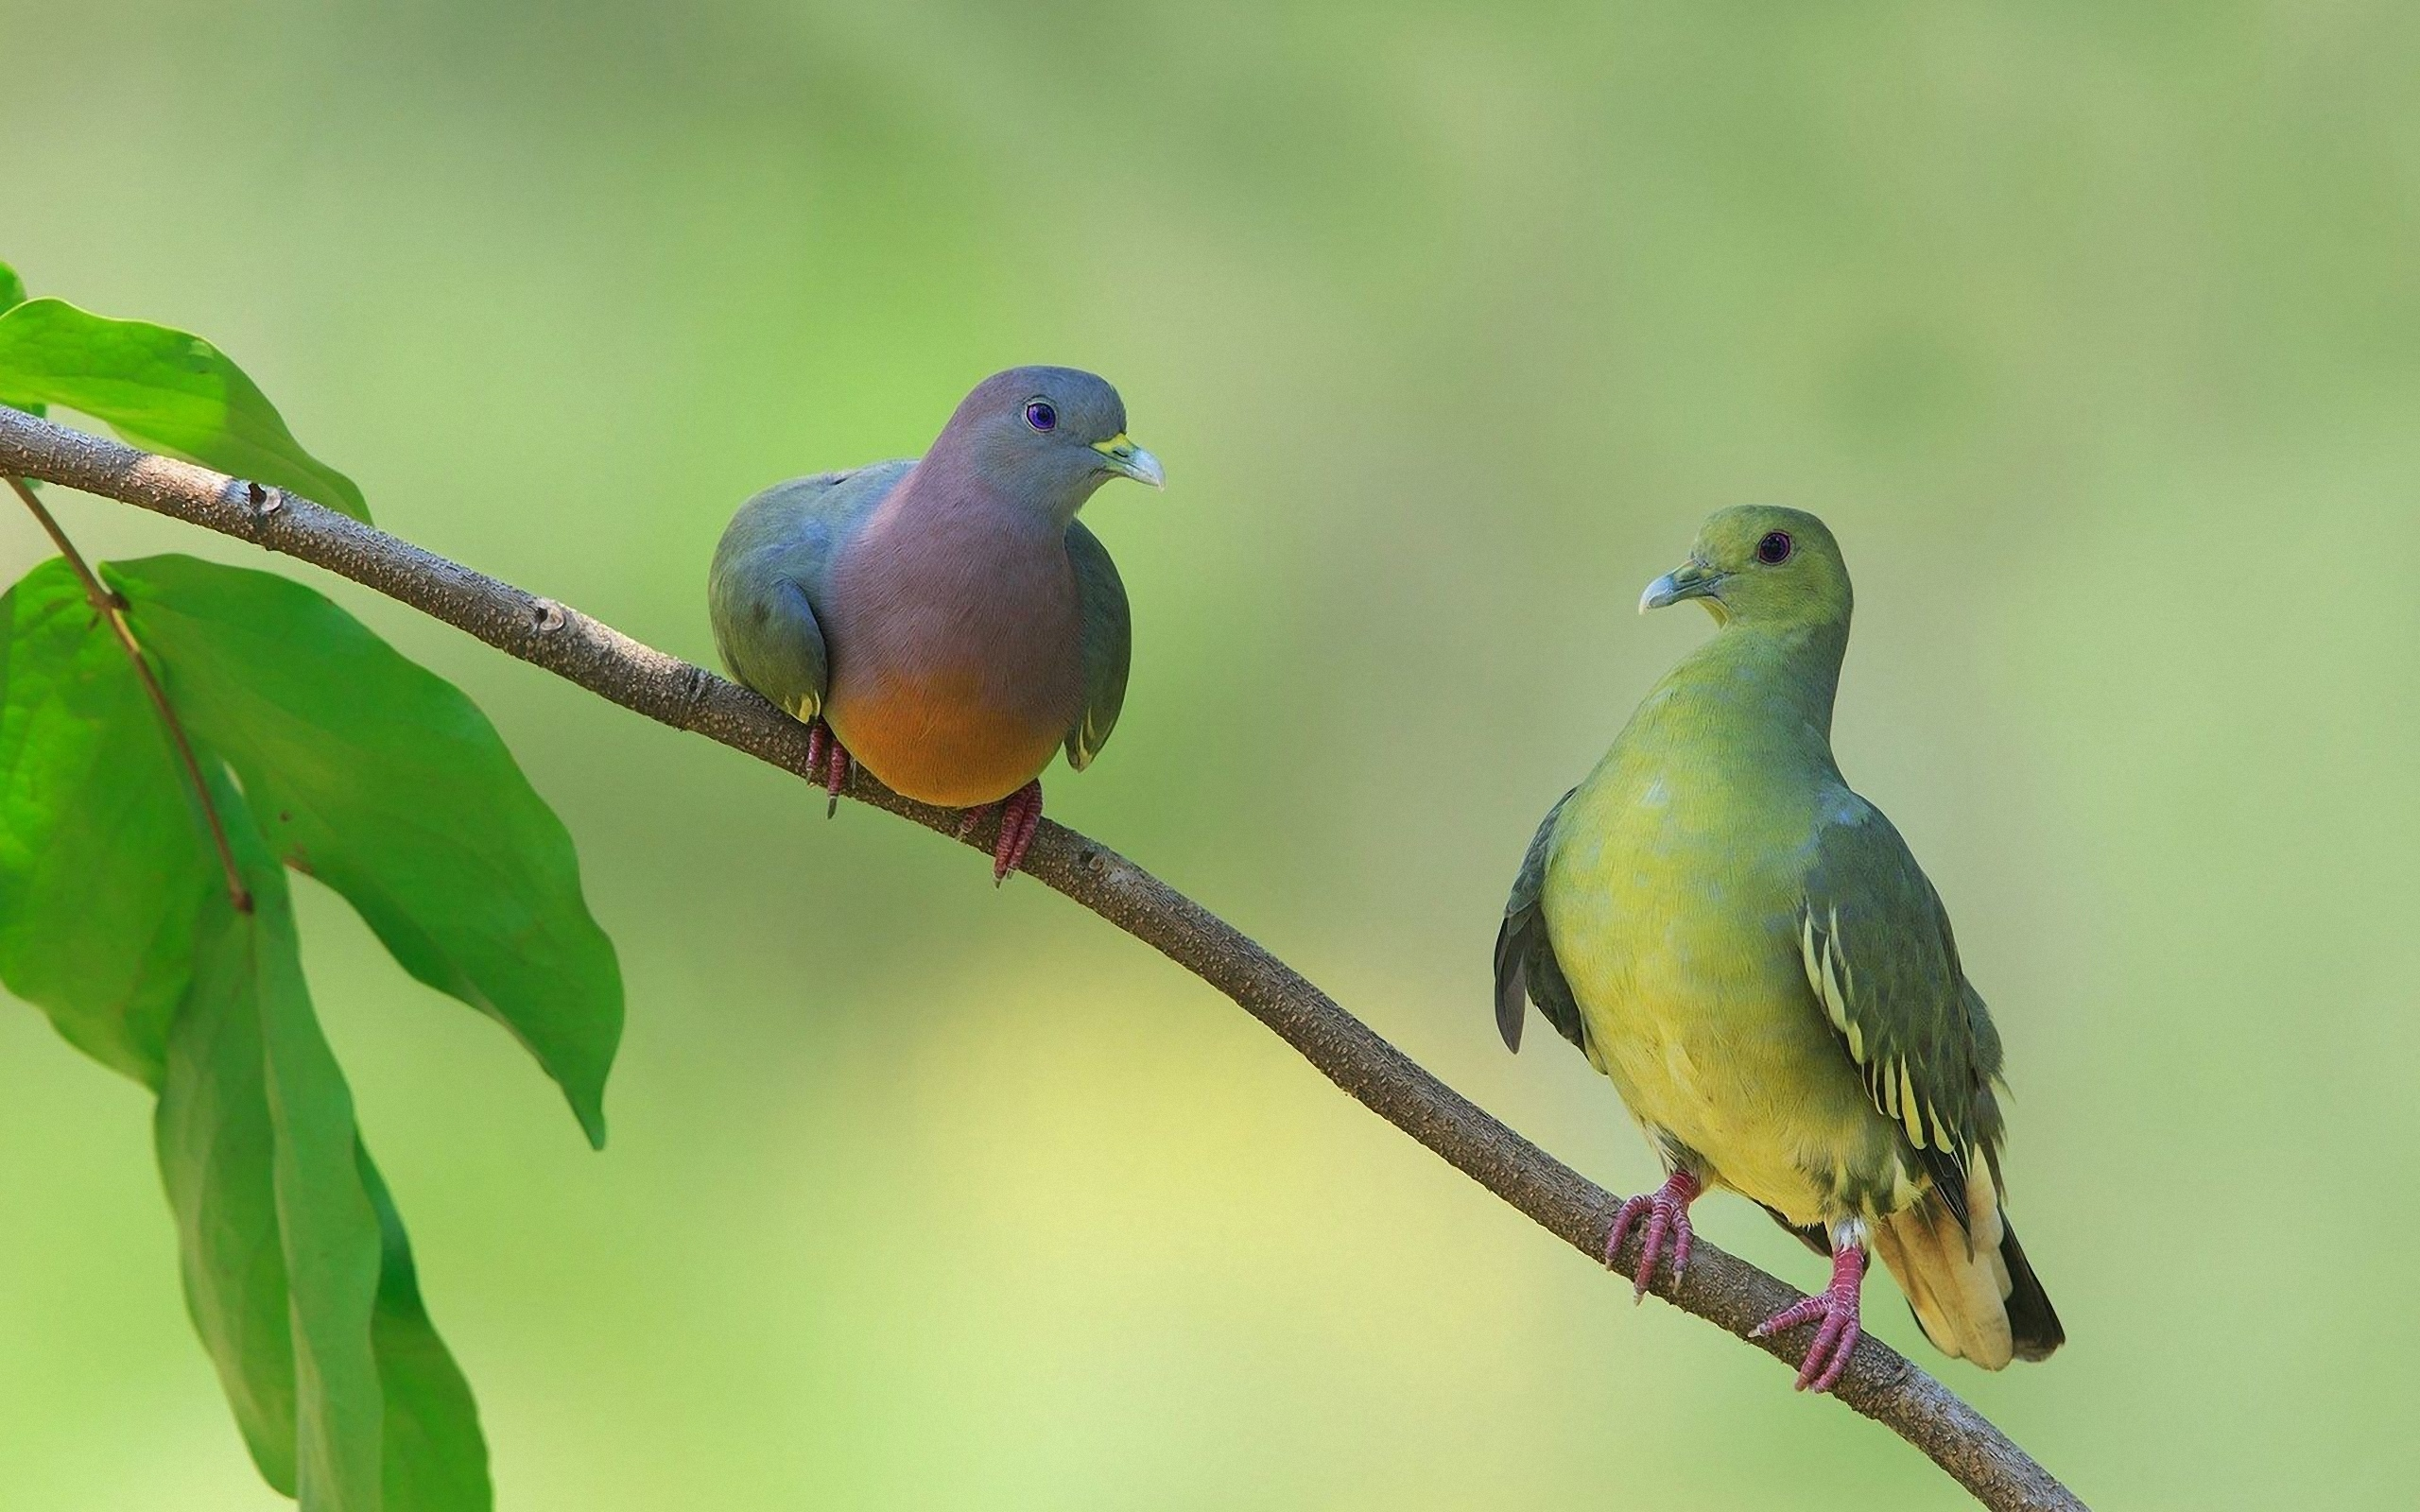 природа белые птицы ветка голуби бесплатно